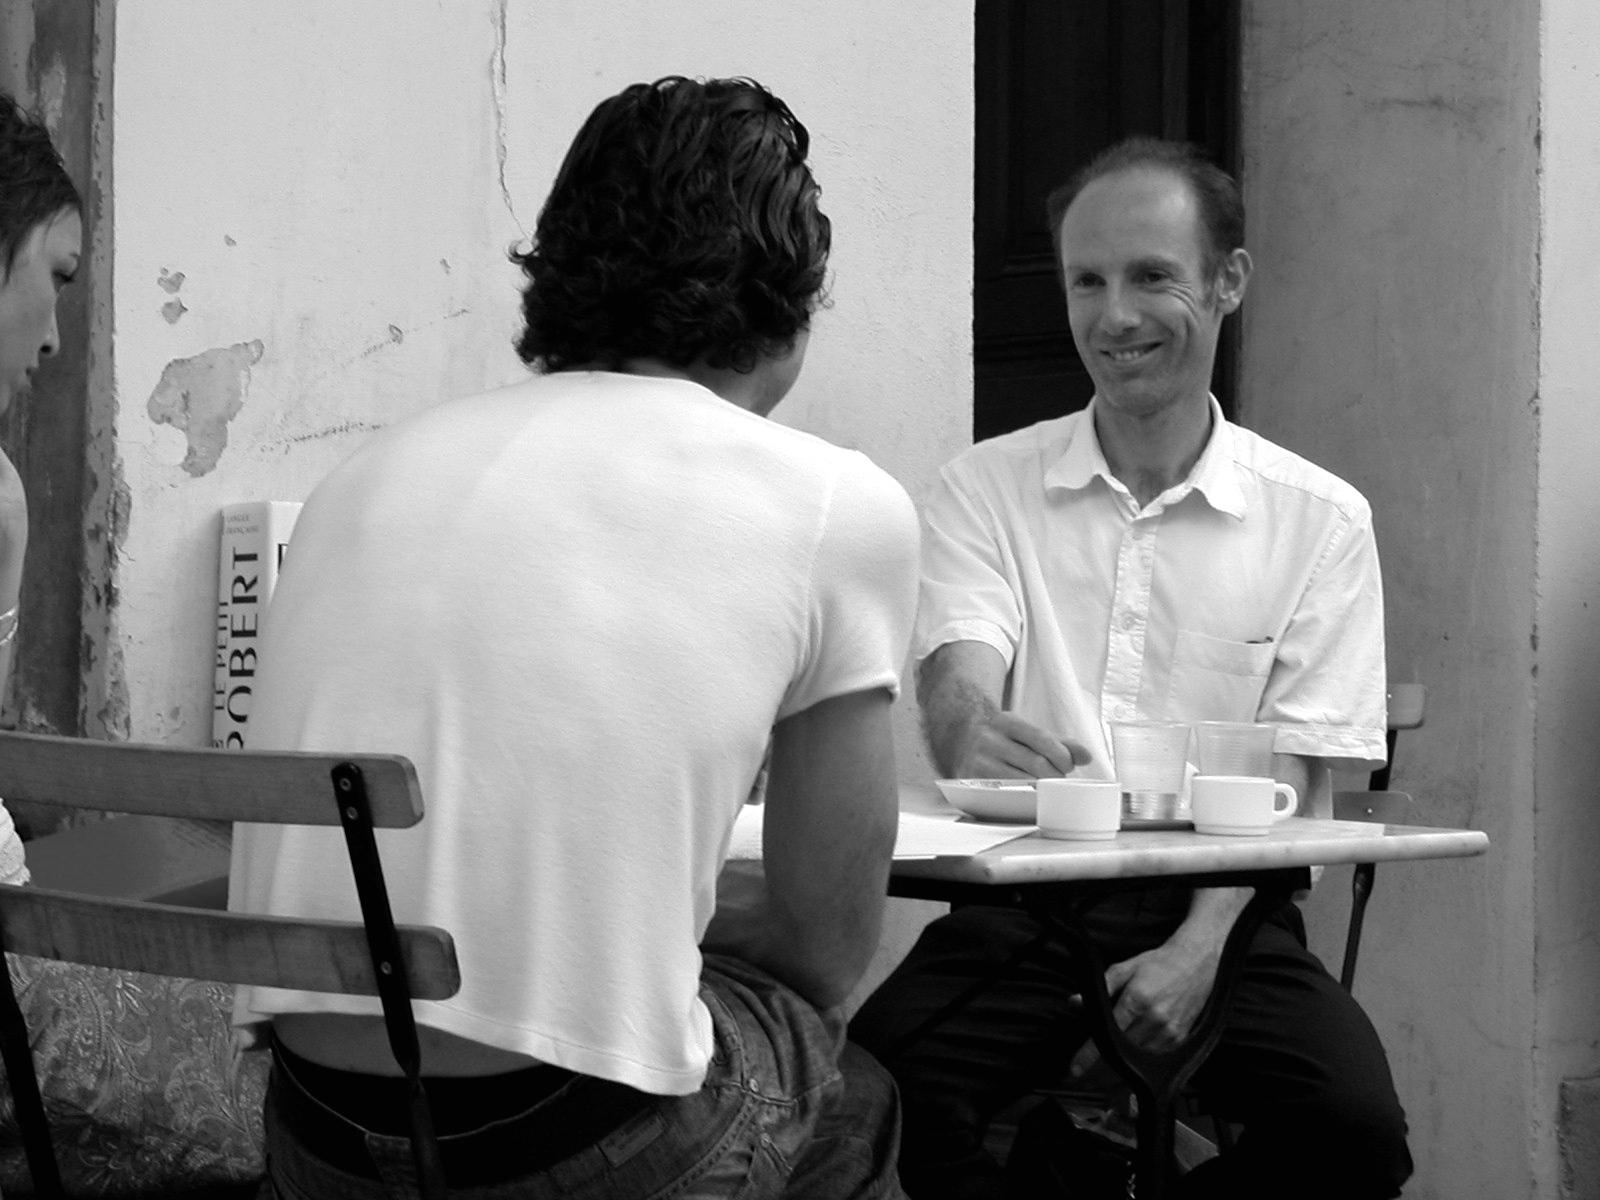 Discussion entre Christian Uetz et Denis Peiron à Marseille, Montévidéo 2005.